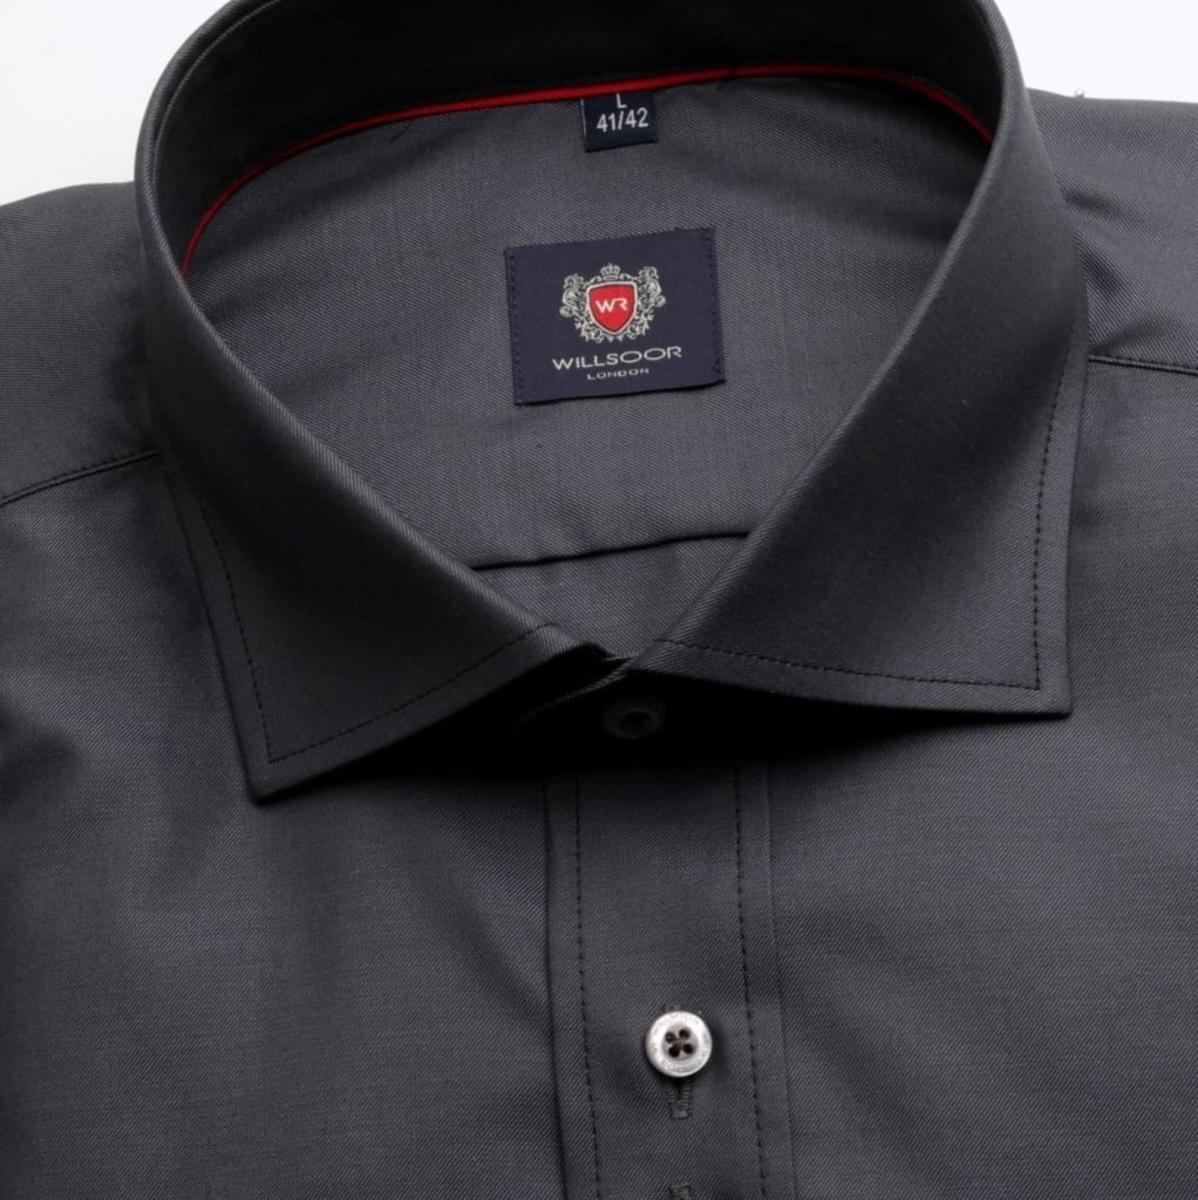 Pánská klasická košile London (výška 176-182) 3944 v grafitové barvě 176-182 / XL (43/44)